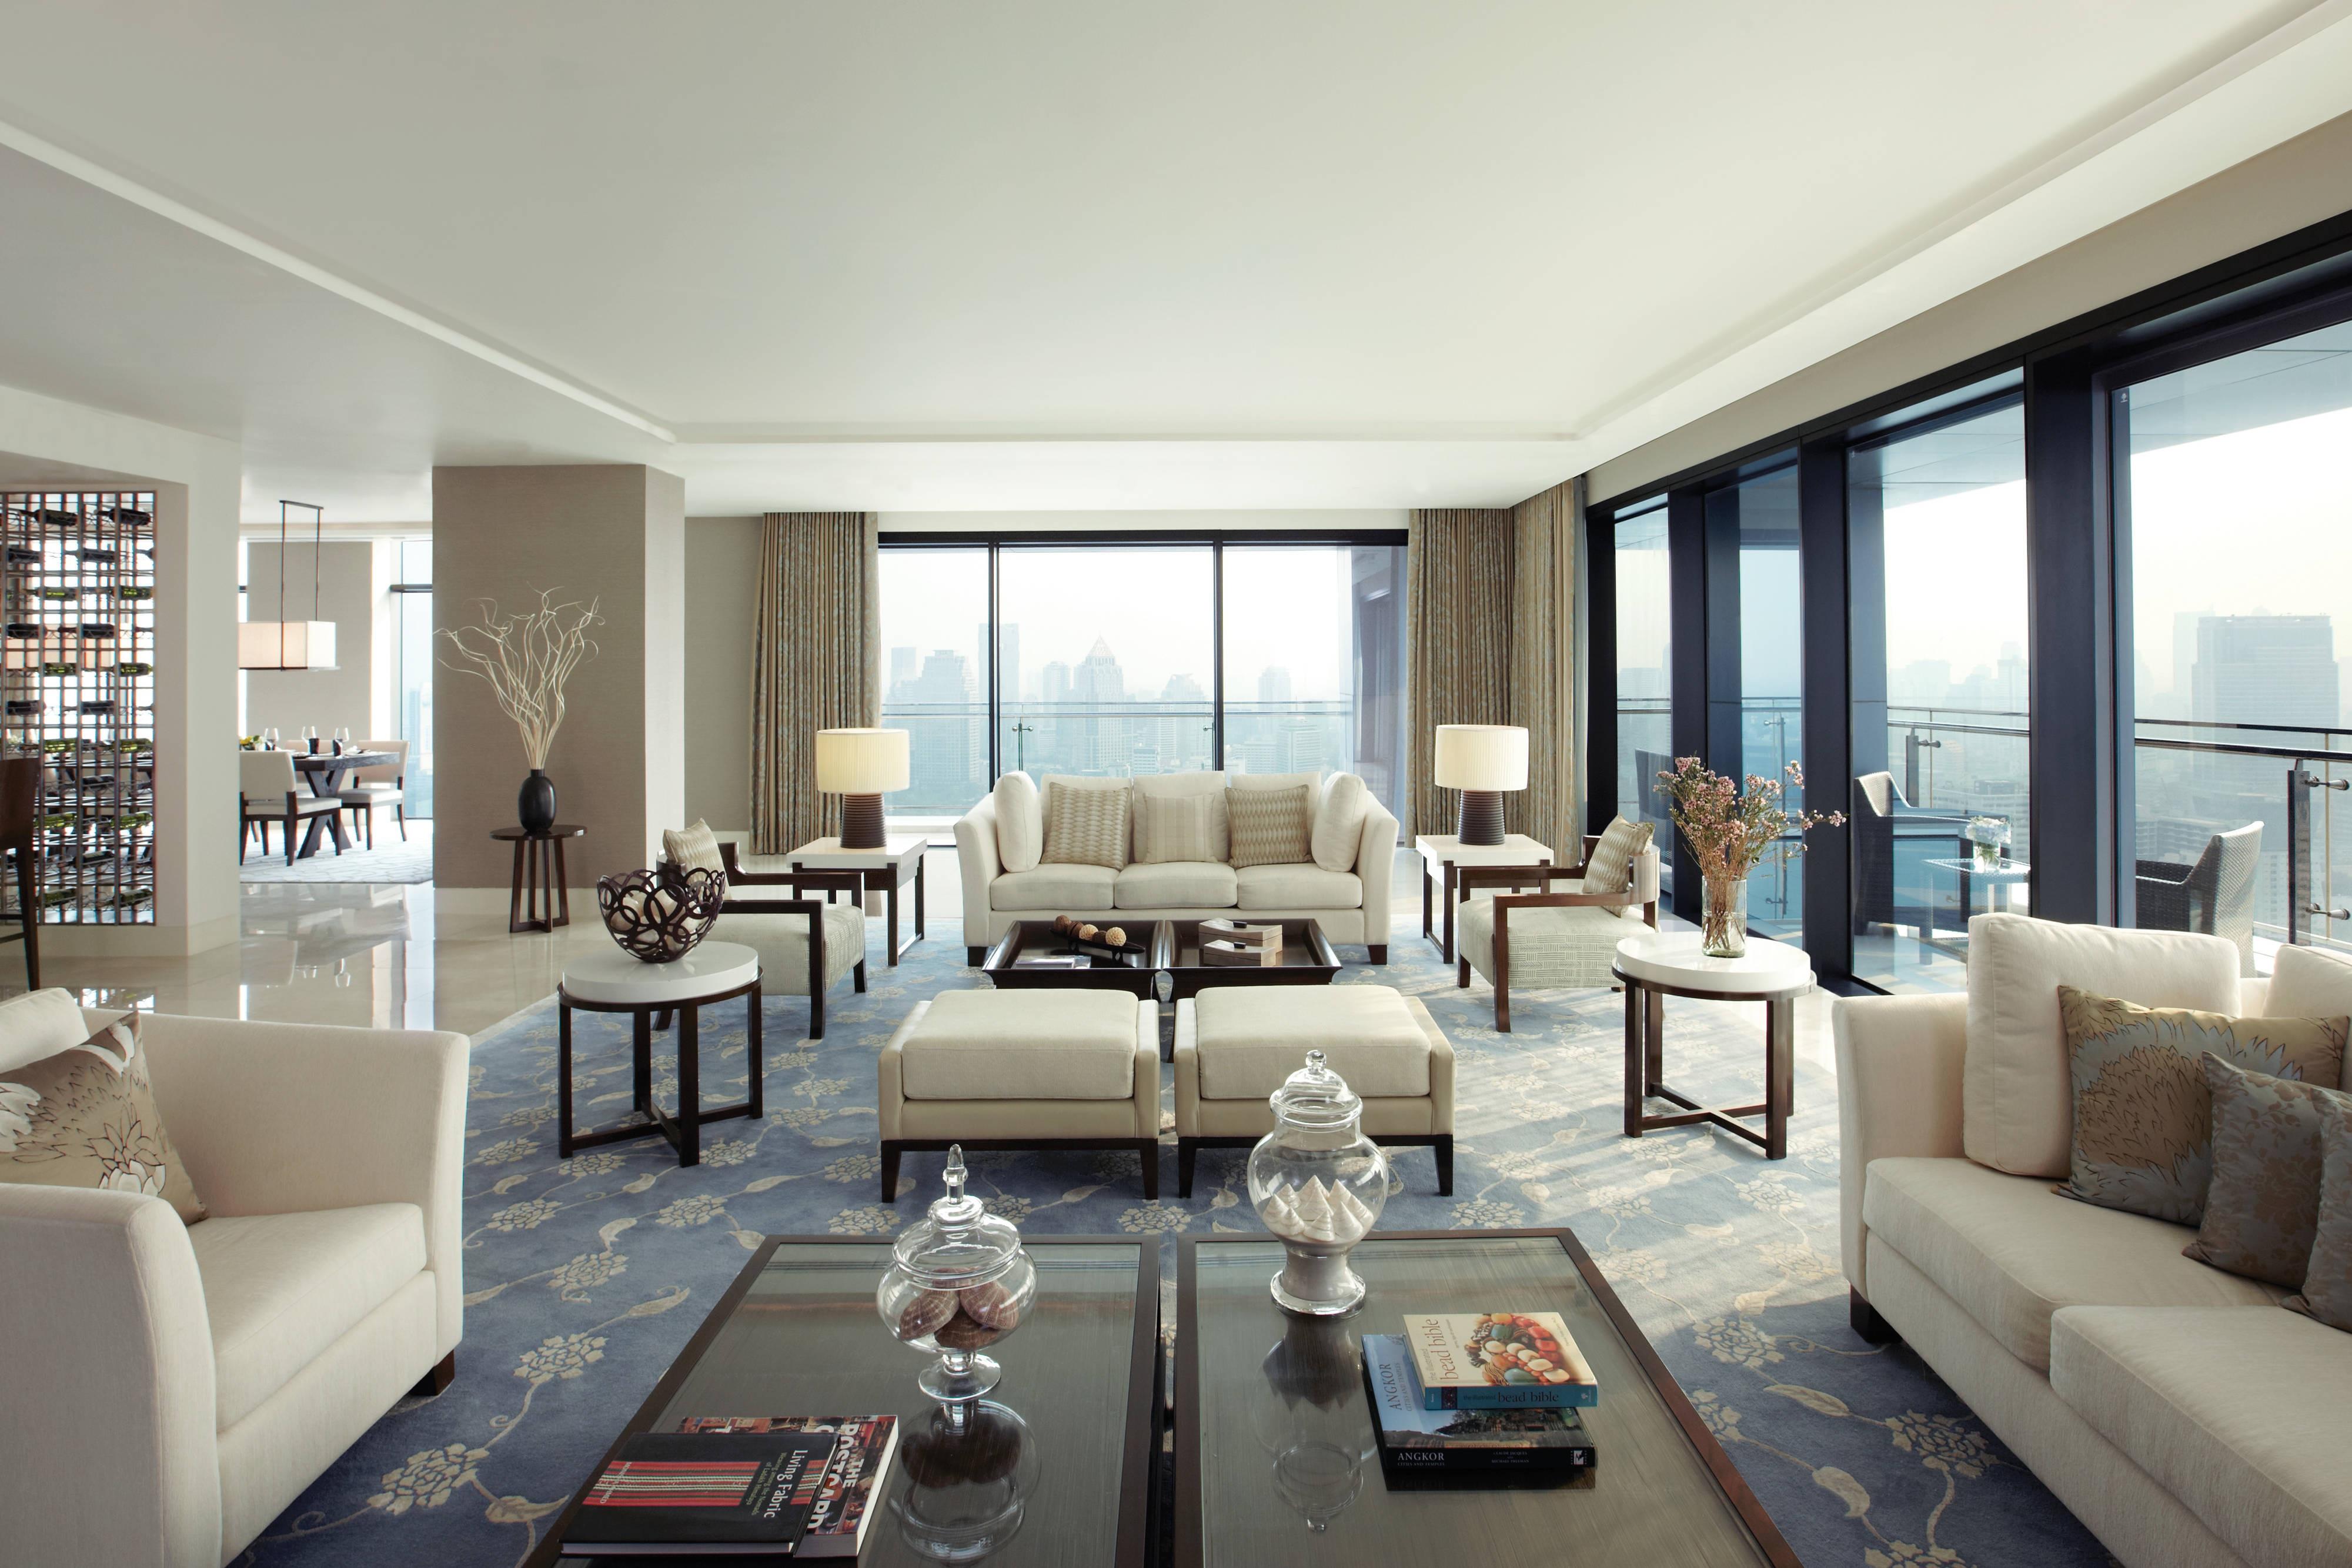 St. Regis Residence - Living Room